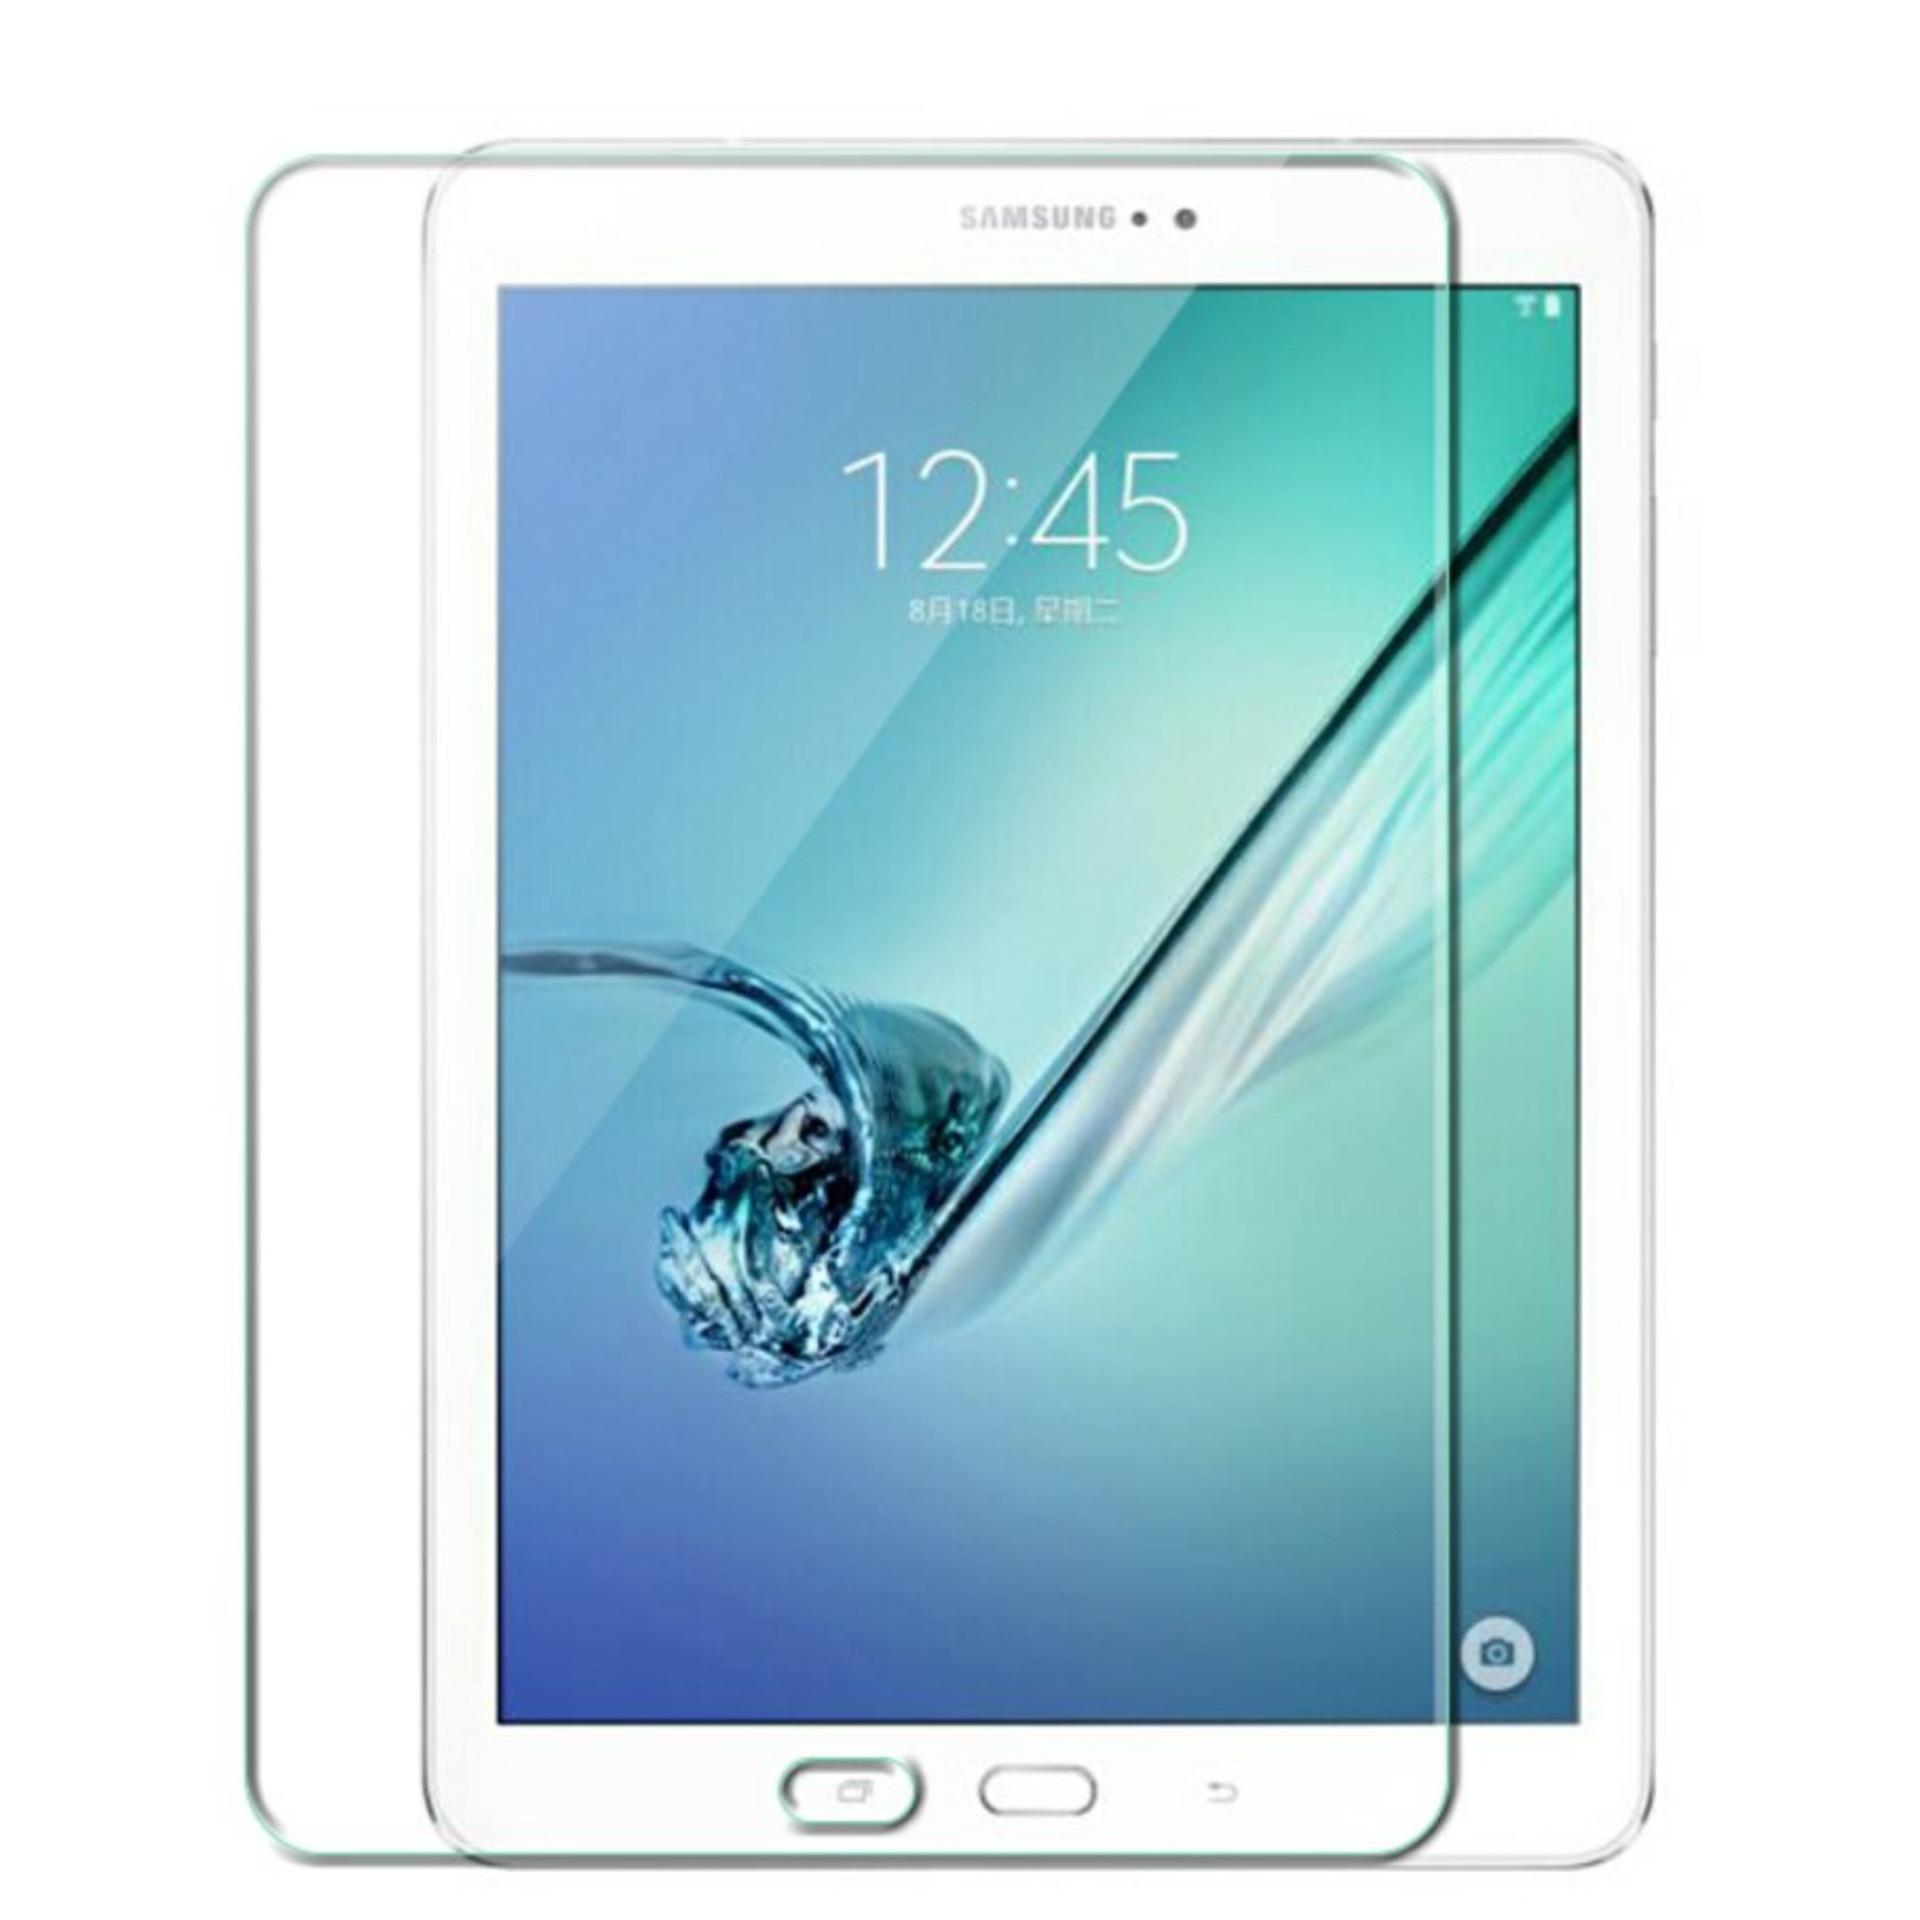 Vn Samsung Galaxy Tablet Tab S2 9.7